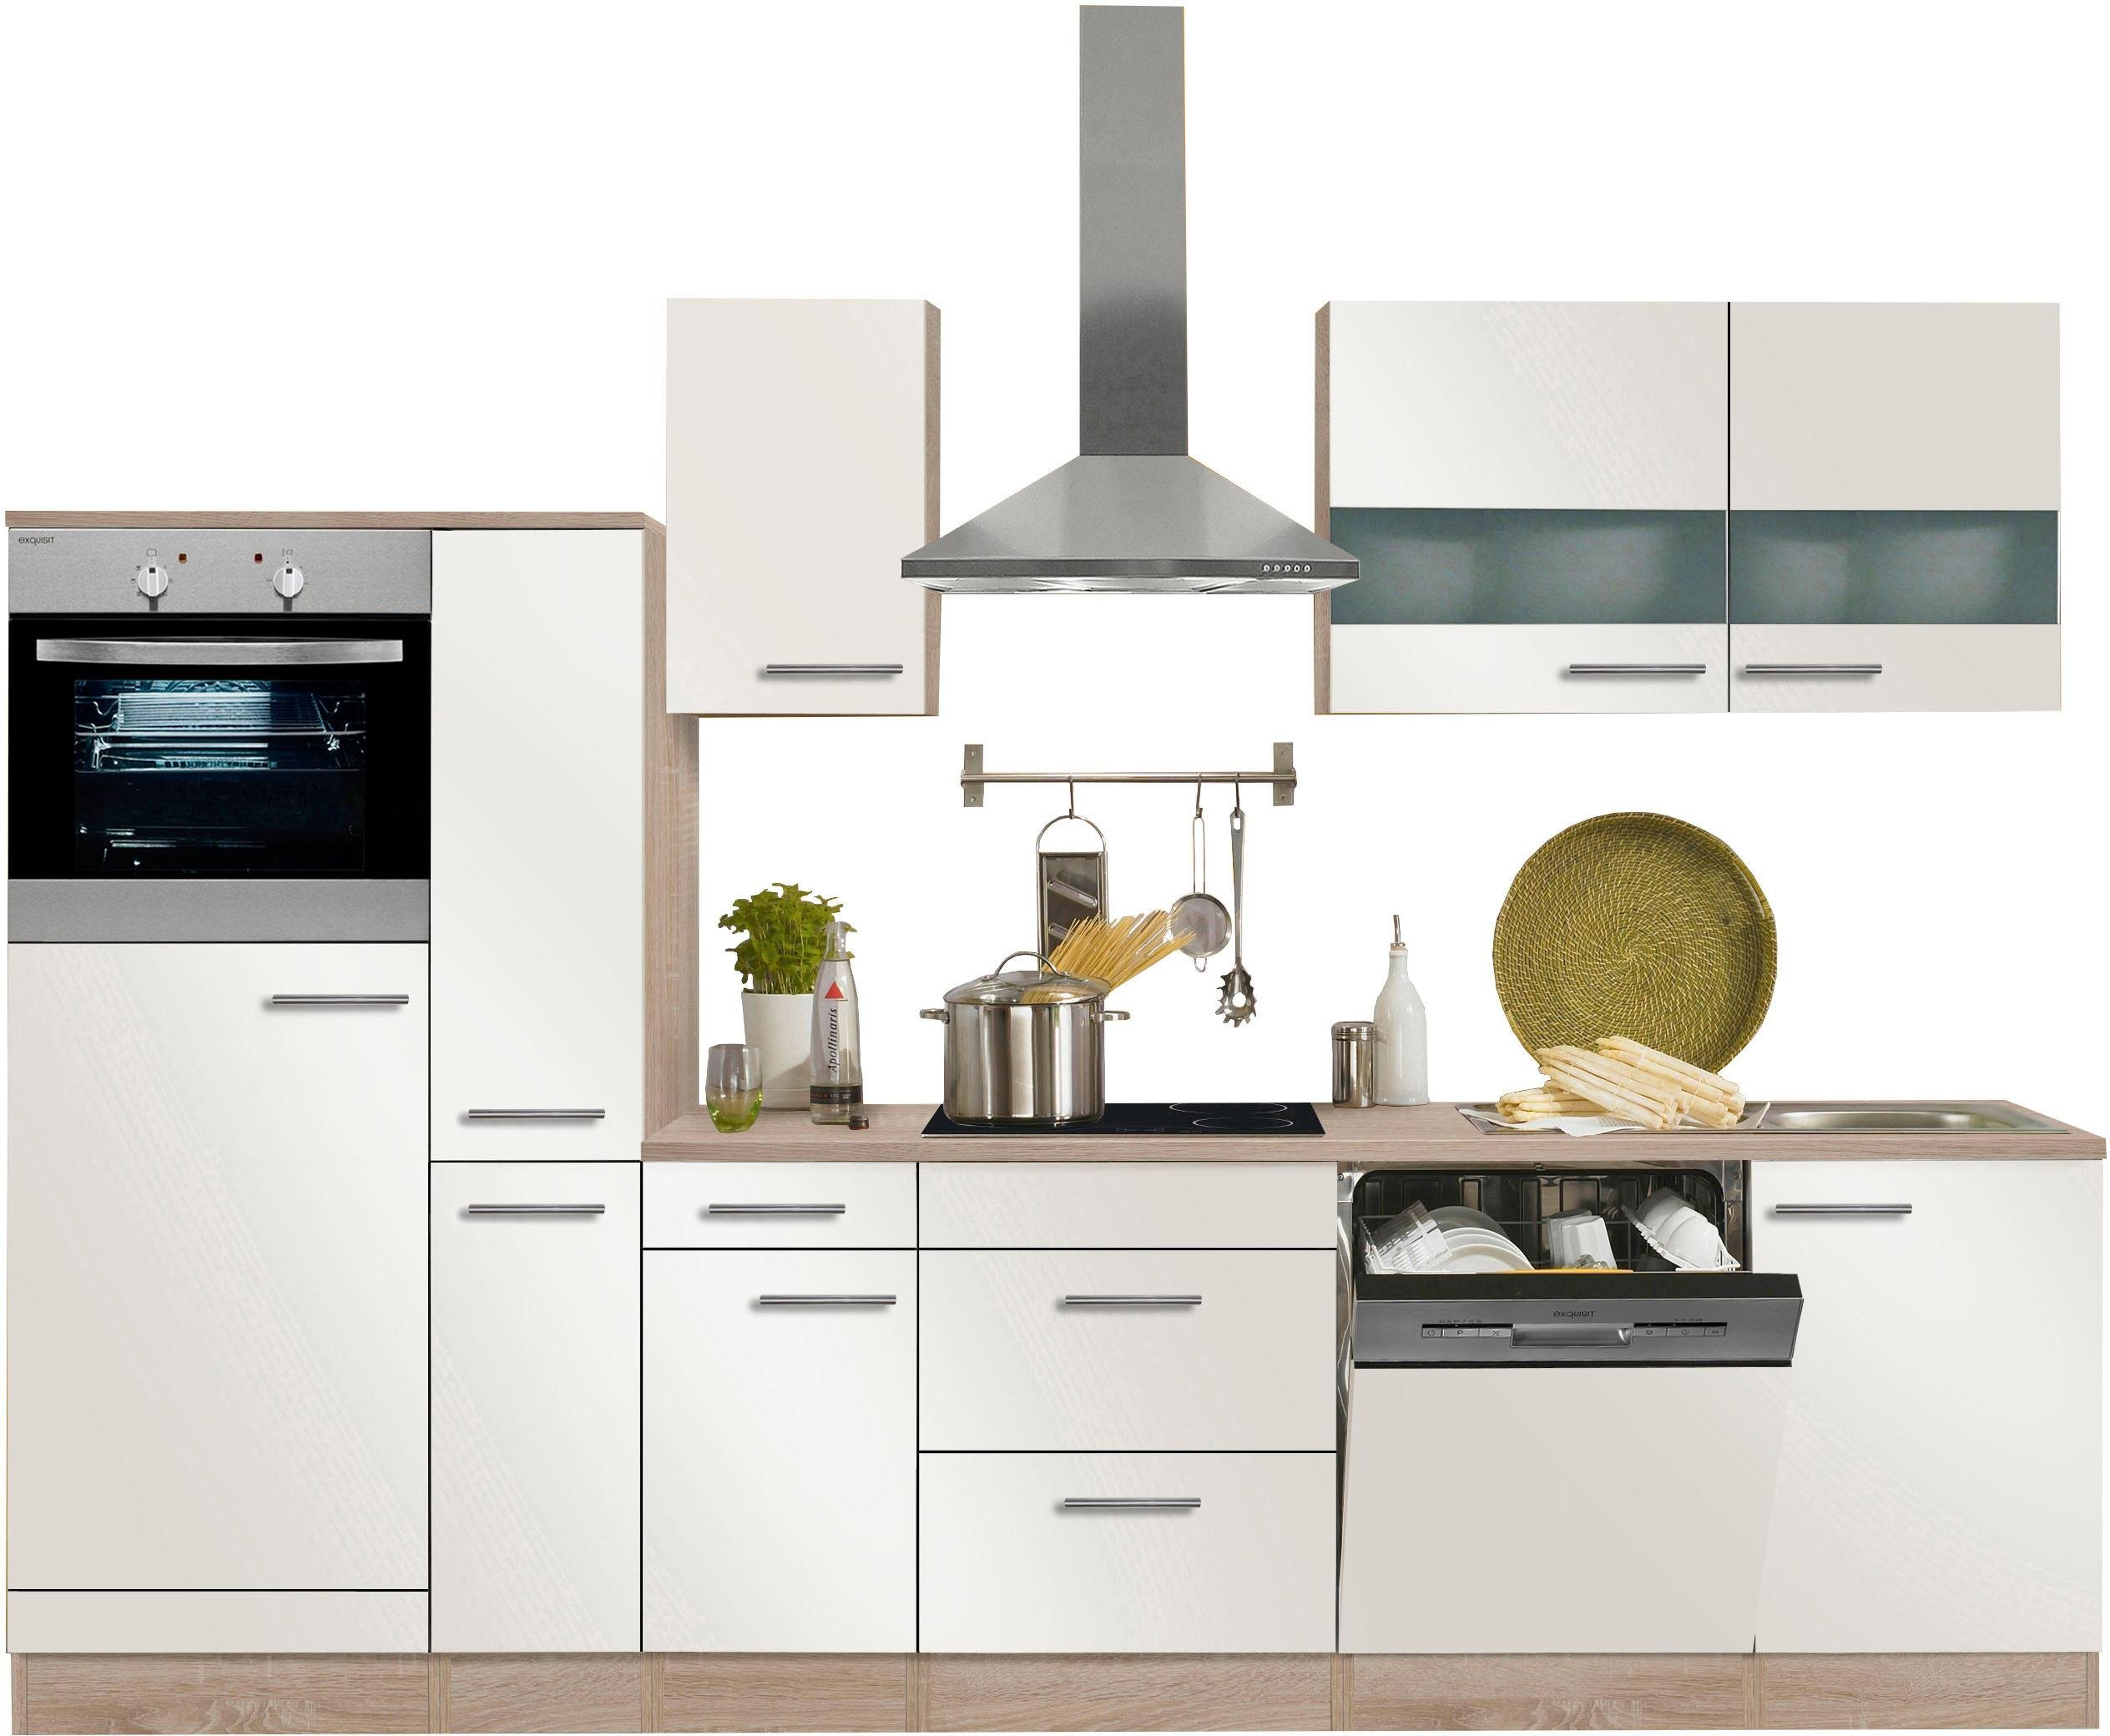 Ziemlich Creative Ideas Küchen Ohne Geräte Fotos - Die Designideen ...